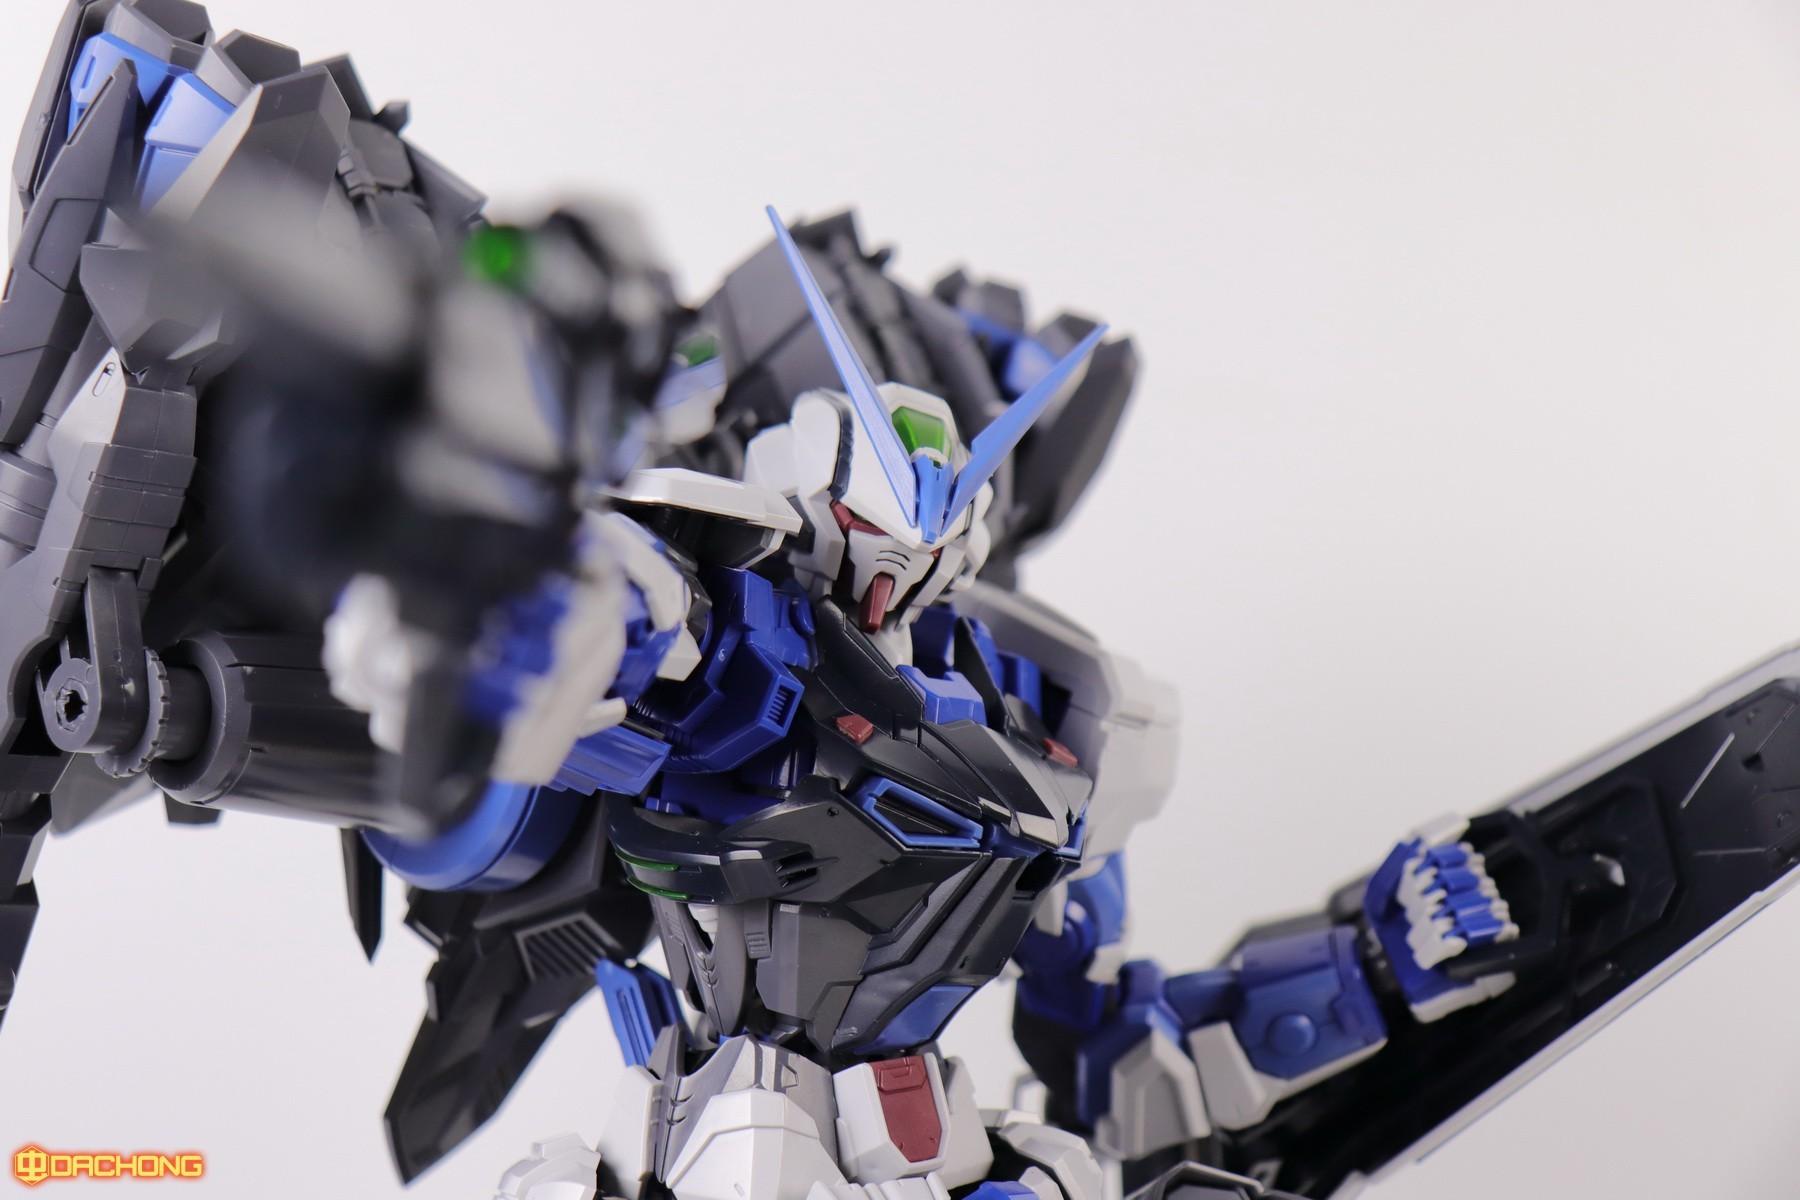 S306_blue_frame_astray_60_083.jpg